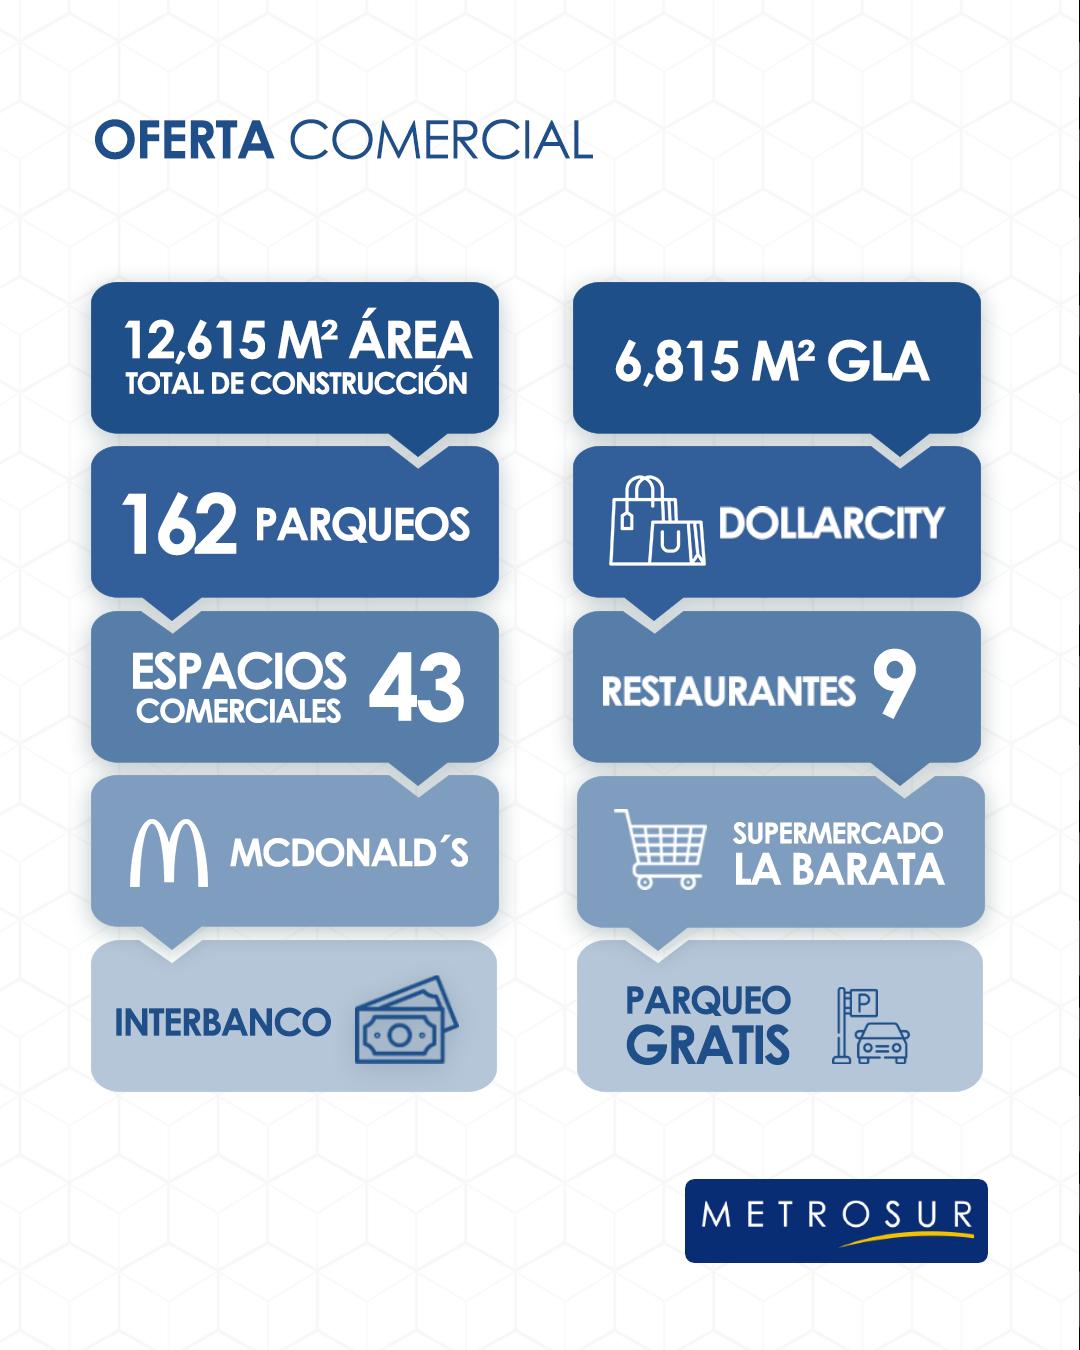 Oferta Comercial Metrosur Metroproyectos